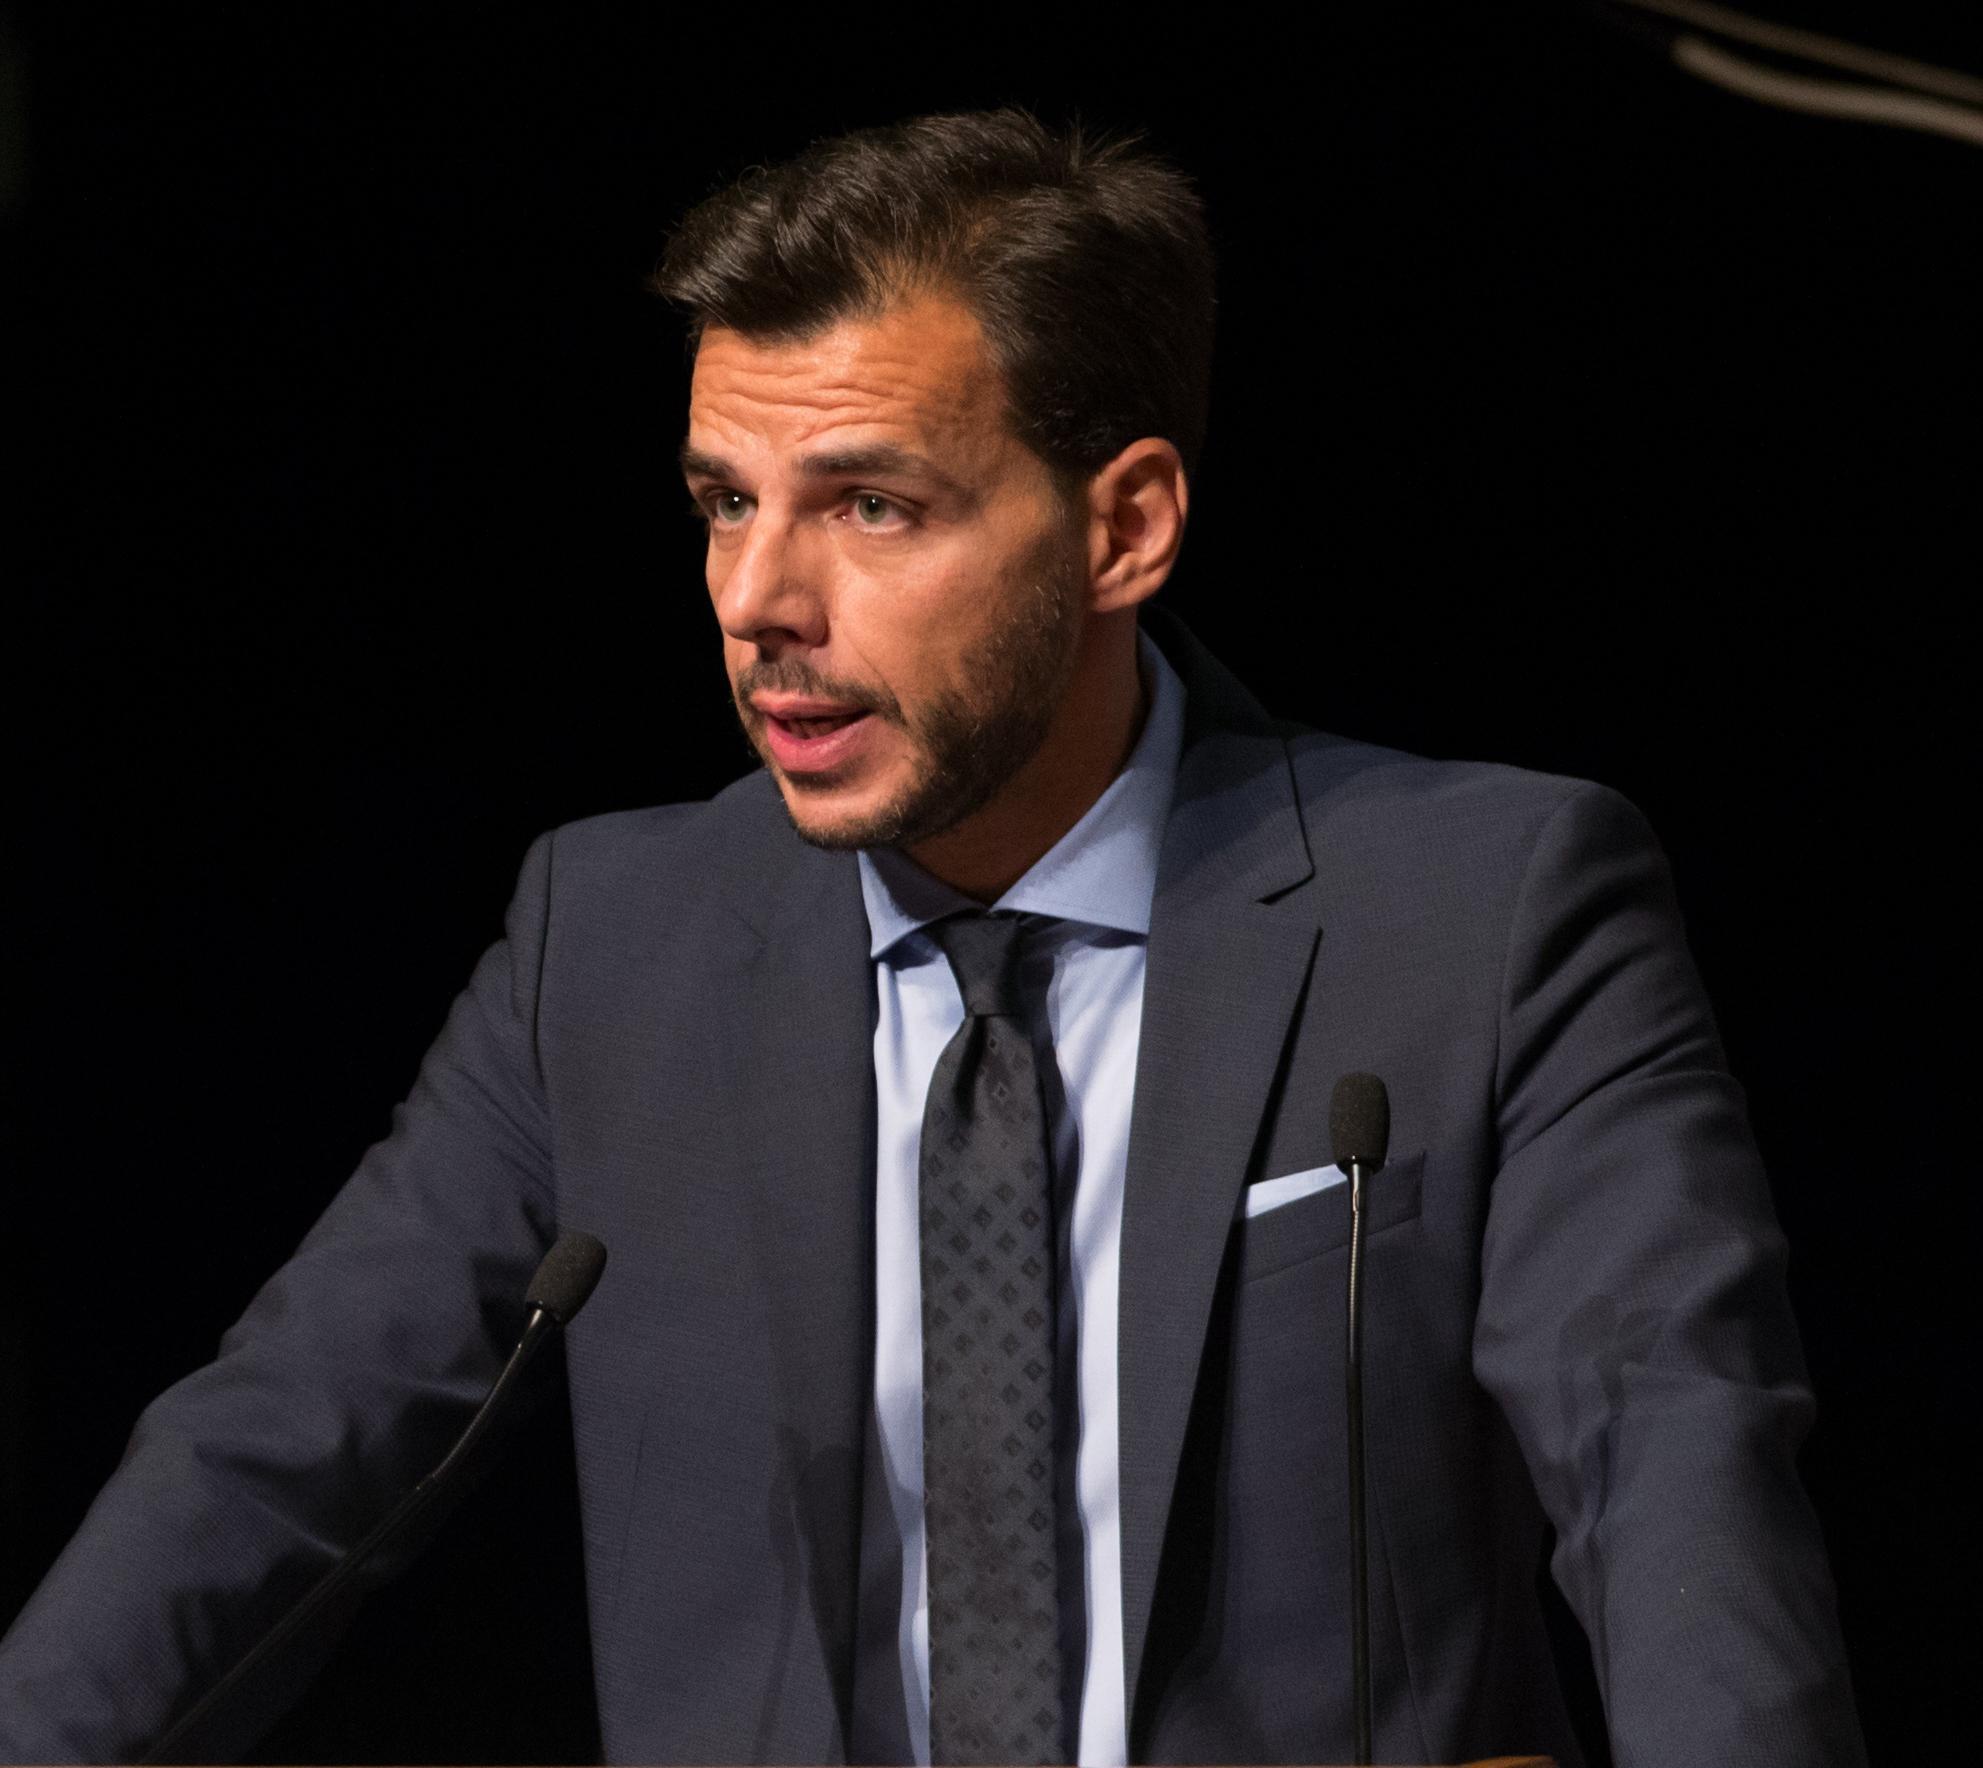 Δρ Βασίλης Αποστολόπουλος. Διευθύνων Σύμβουλος Ιατρικού Κέντρου